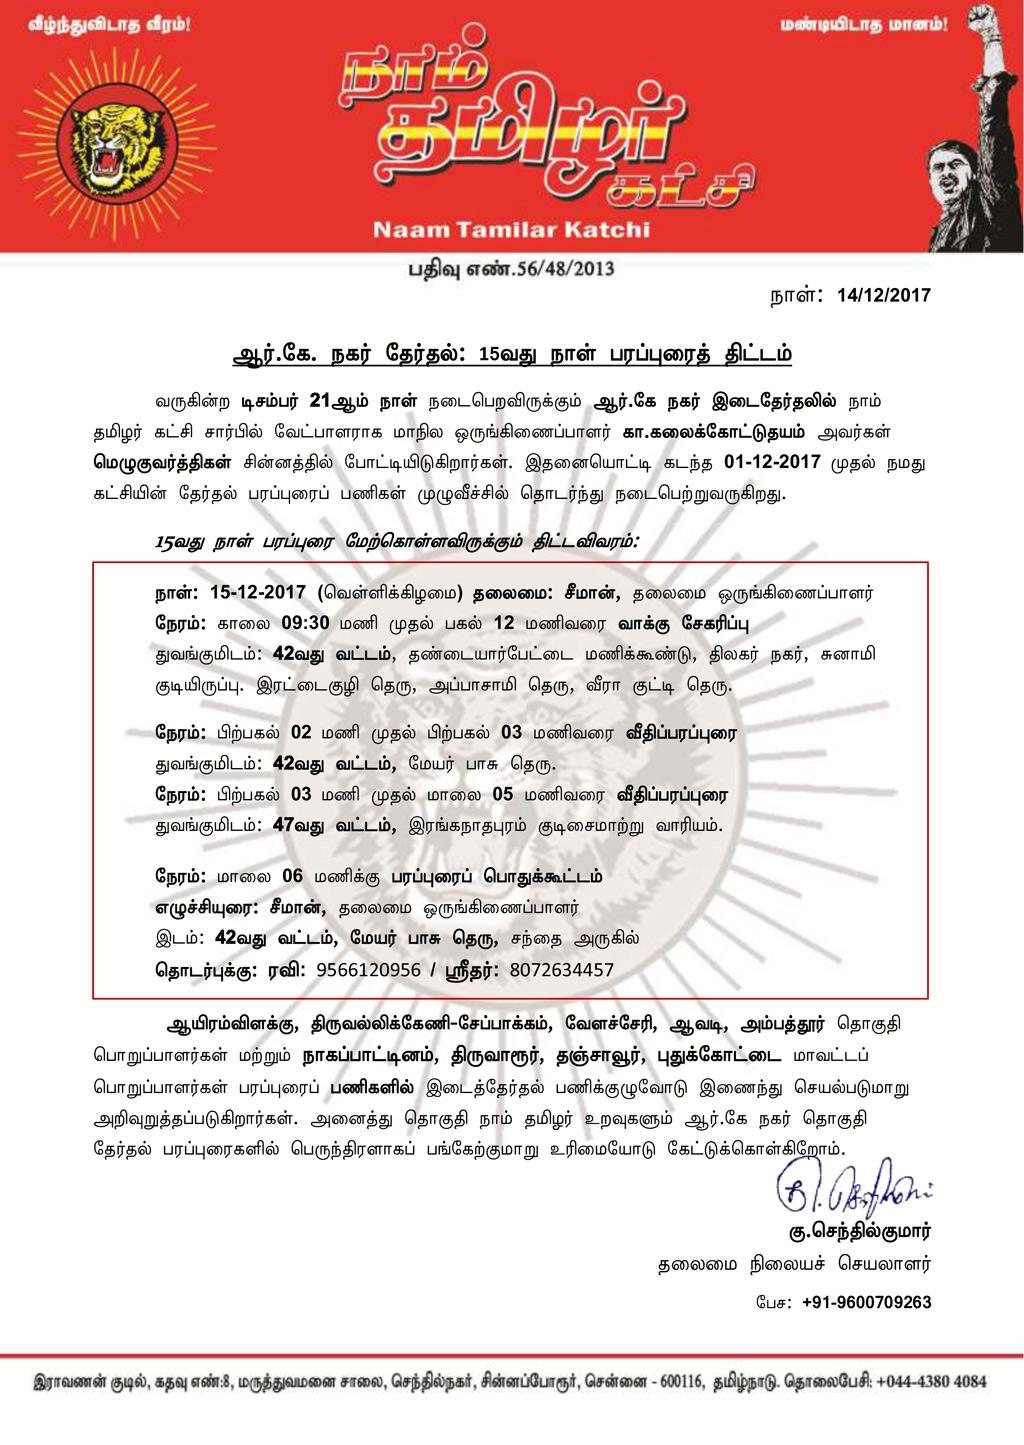 அறிவிப்பு; ஆர்.கே நகர் இடைத்தேர்தல்: 15-12-2017 15வது நாள் | சீமான் பரப்புரைத் திட்டம் rk nagar by poll naam tamilar katchi kalaikottuthayam election campaign announcement 15 12 2017